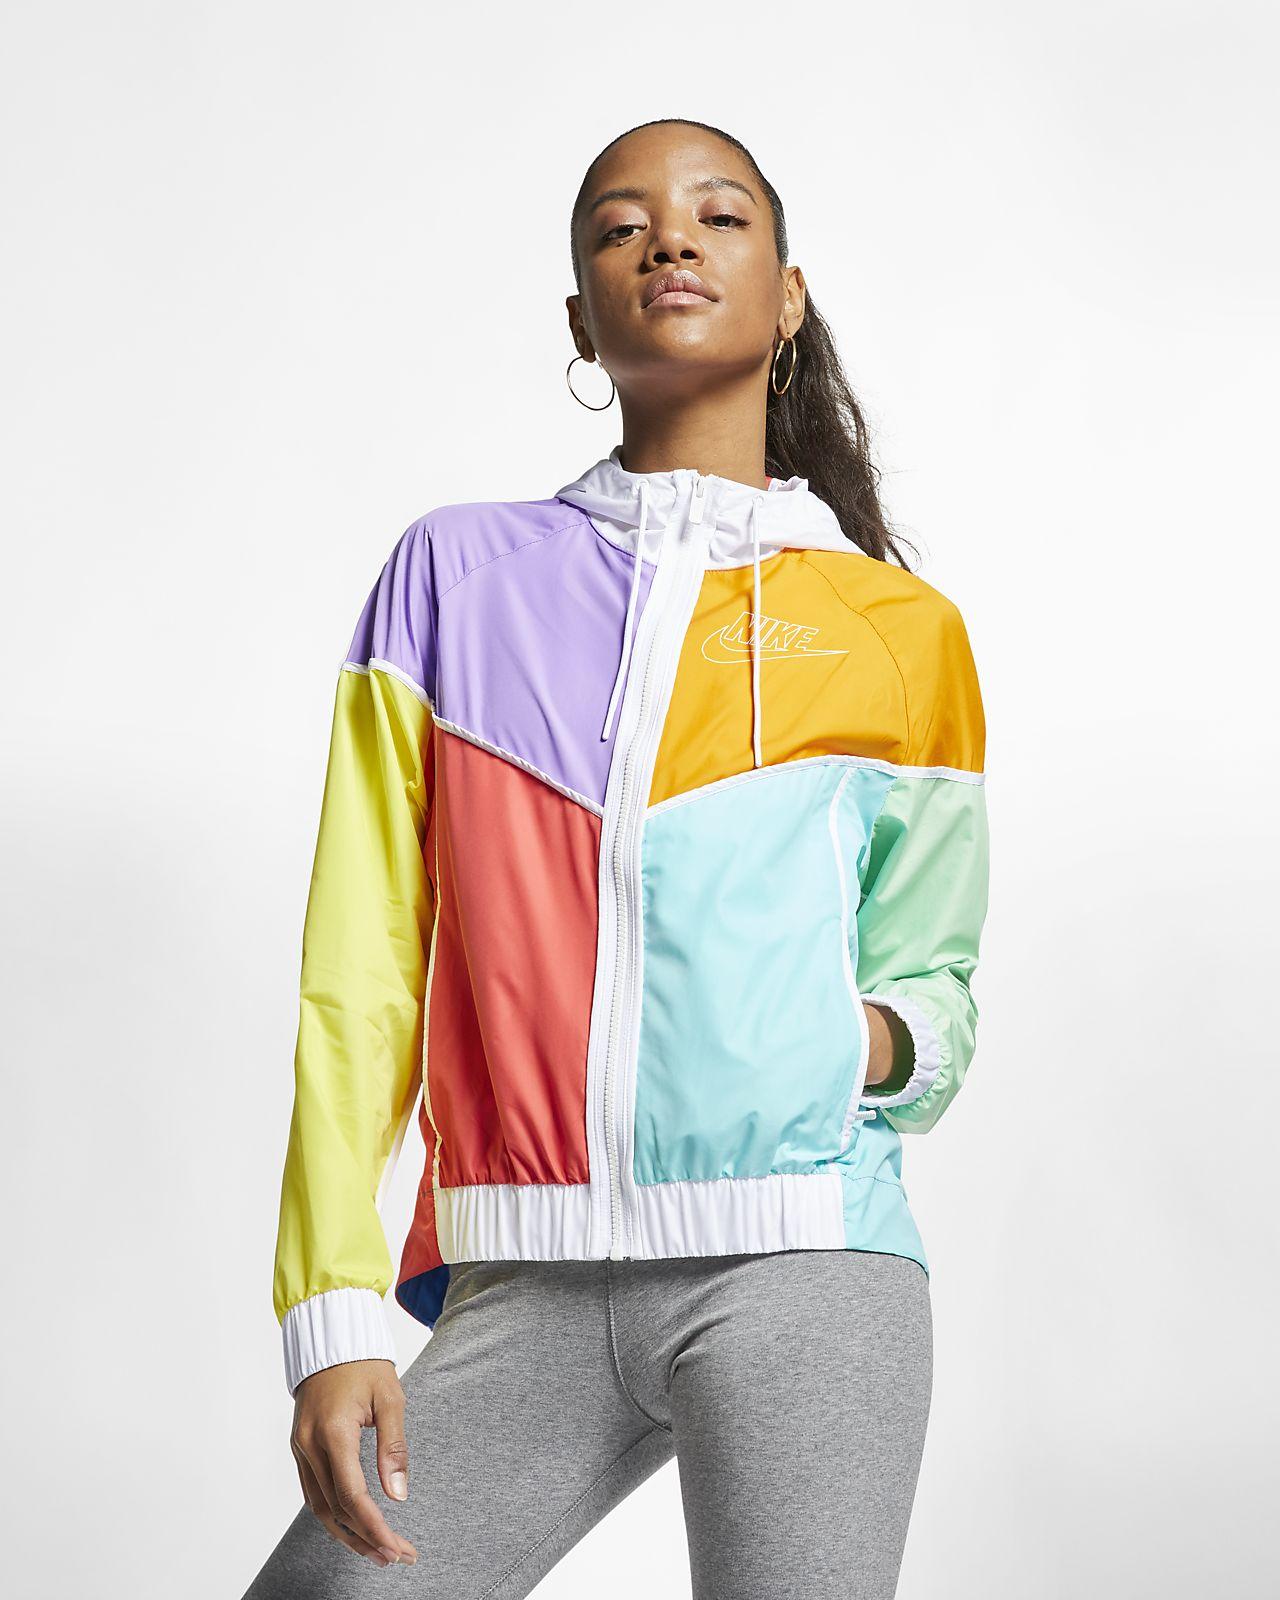 835f629a6e38 Low Resolution Nike Sportswear Windrunner Women s Jacket Nike Sportswear  Windrunner Women s Jacket